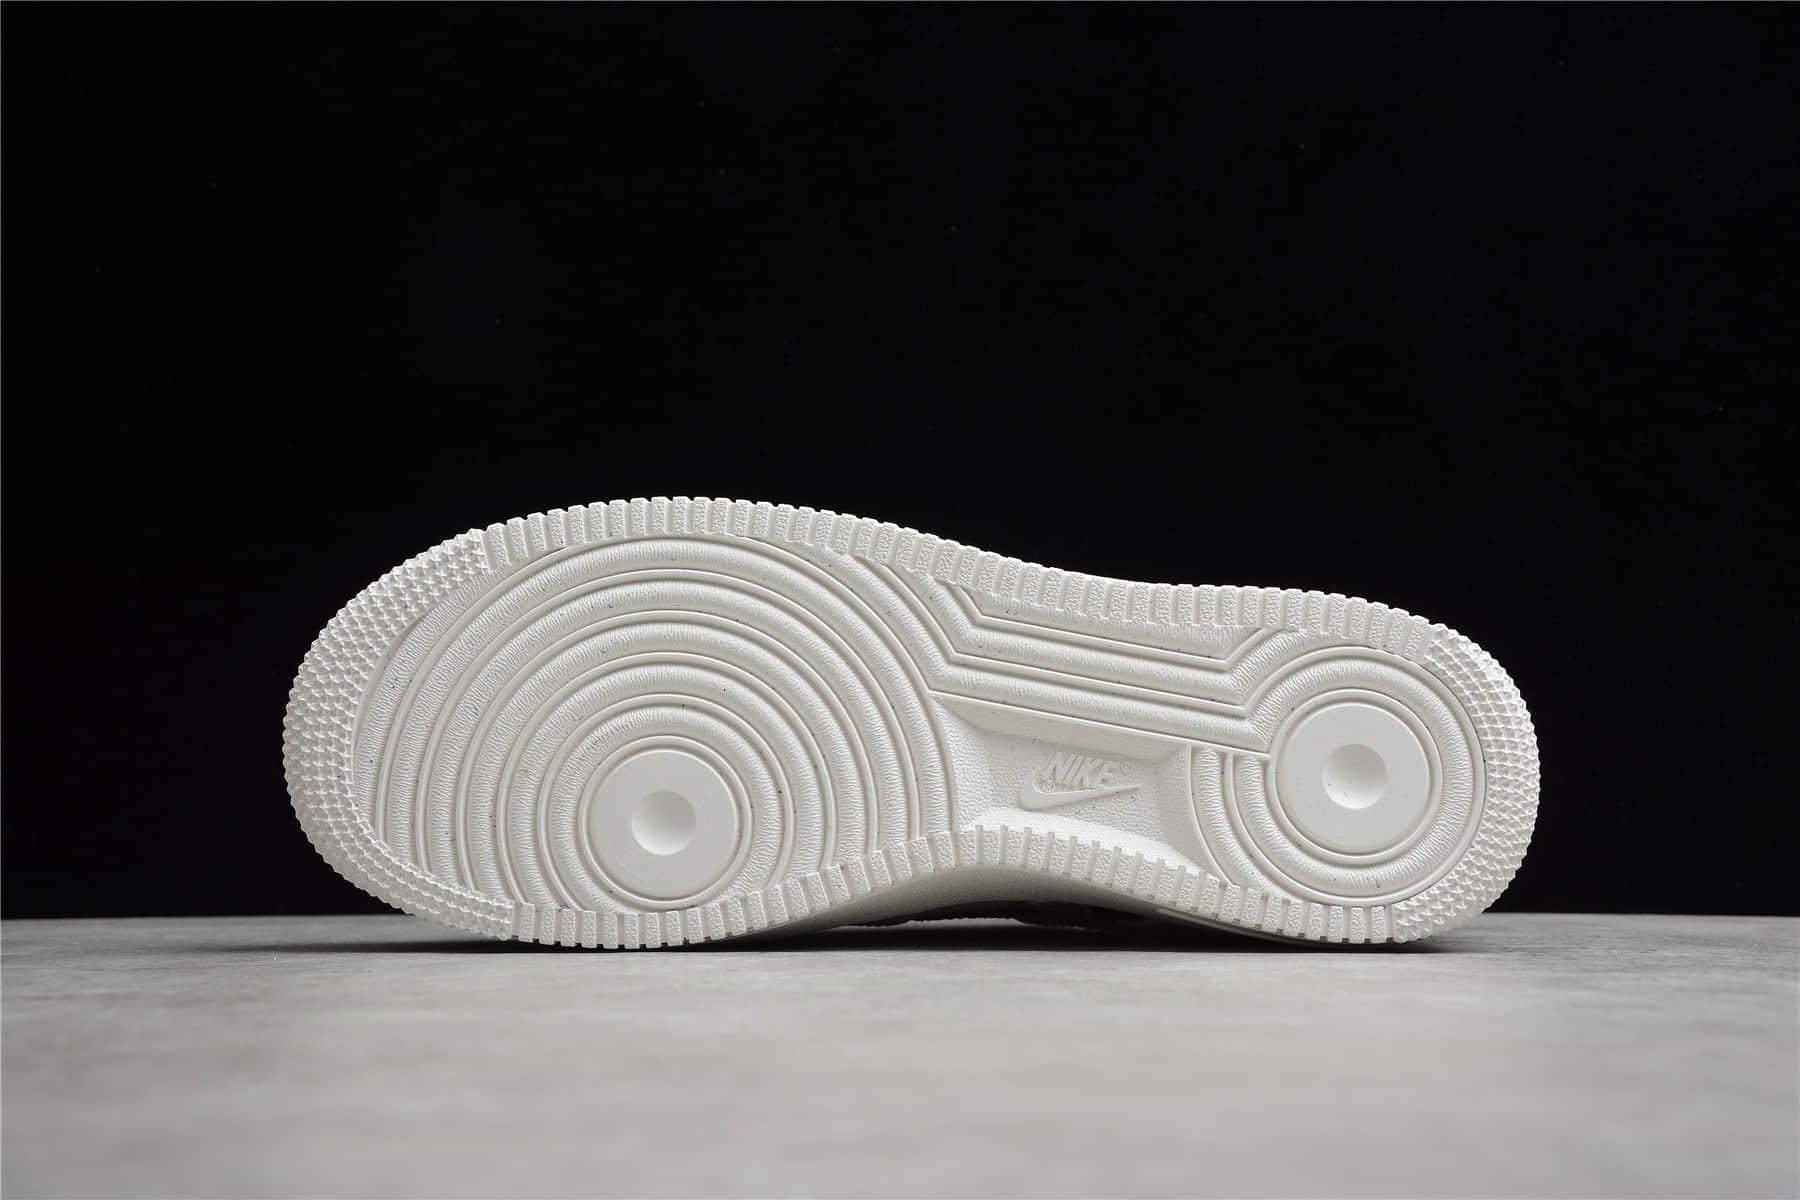 """耐克空军大团结耐克空军抽象画白色低帮 Nike Air Force 1 Low """"The Great Unity"""" 耐克空军纯原版本复刻 货号:DM5447-111-潮流者之家"""